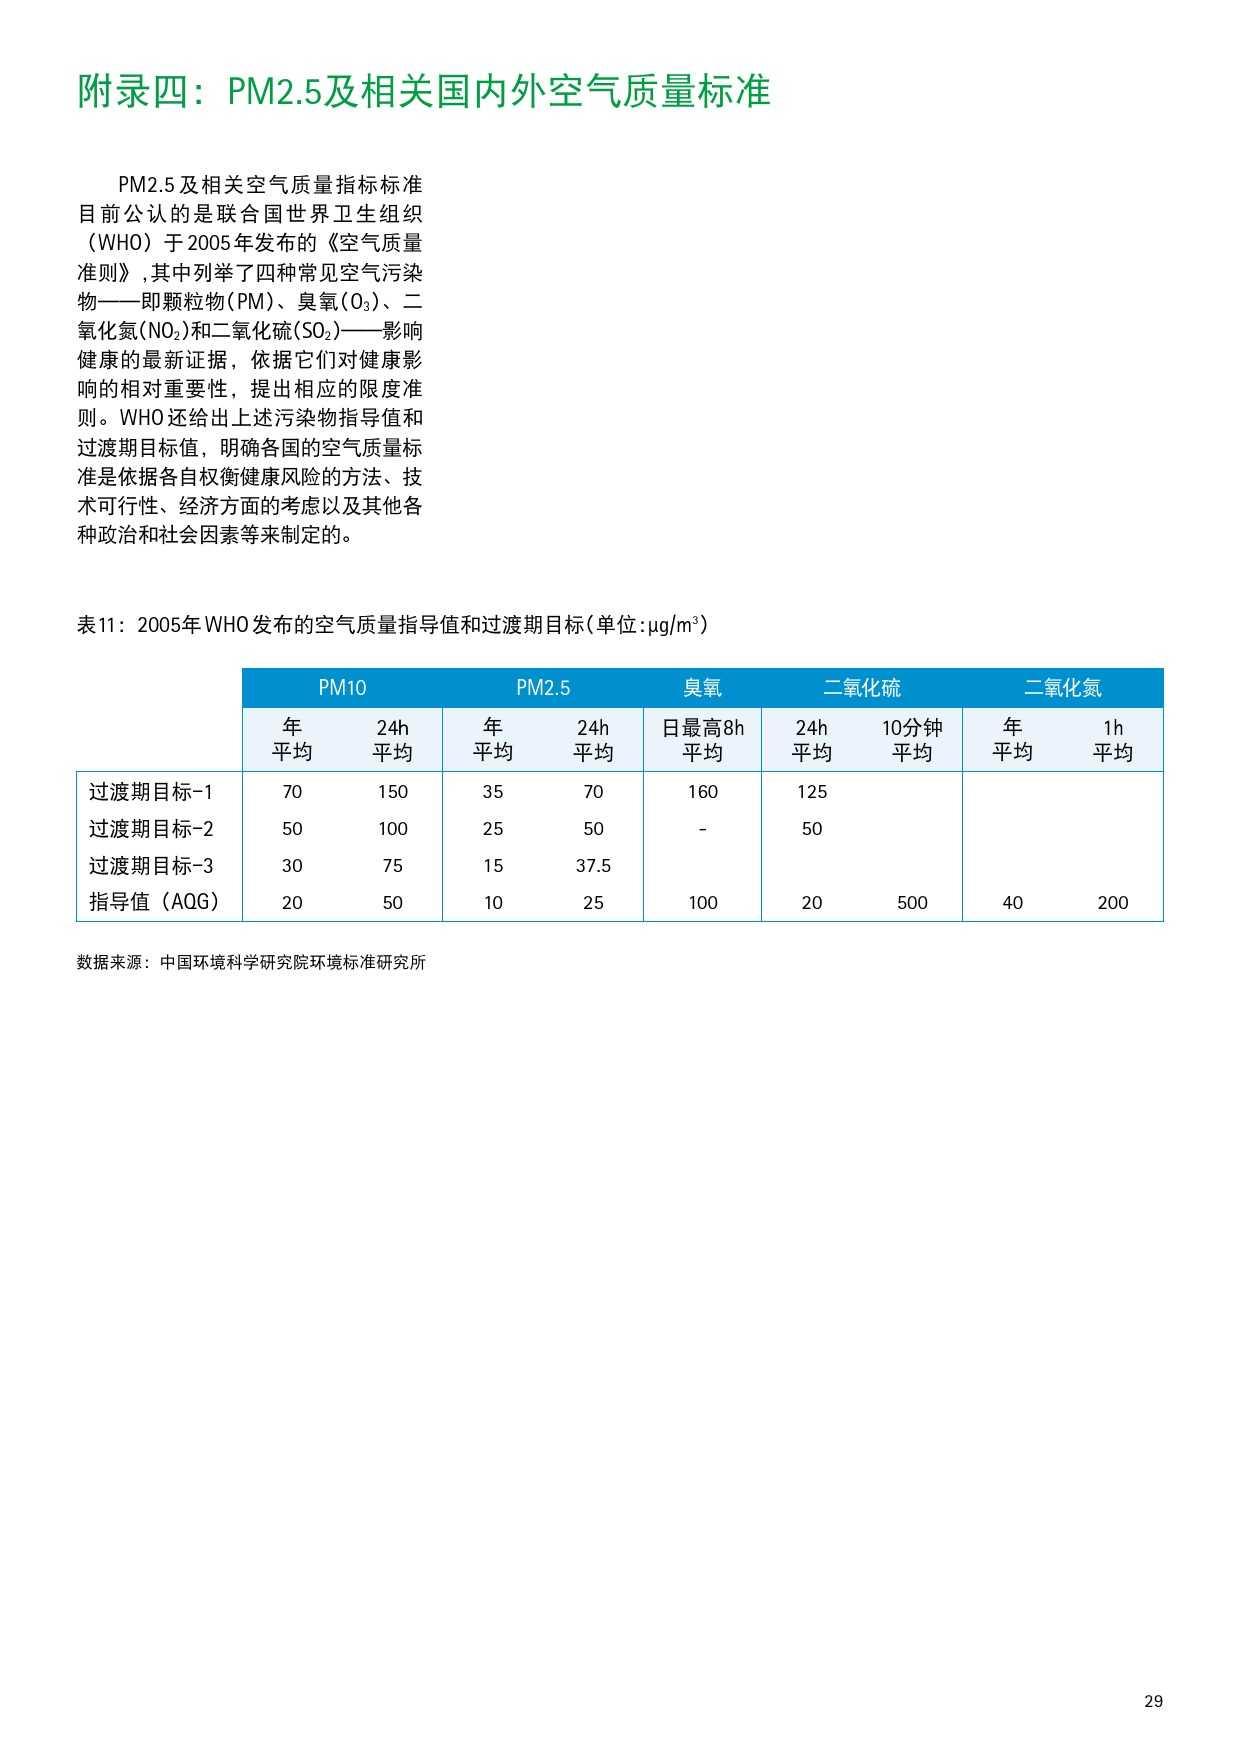 埃森哲&中科院:2015年新资源经济城市指数_000029